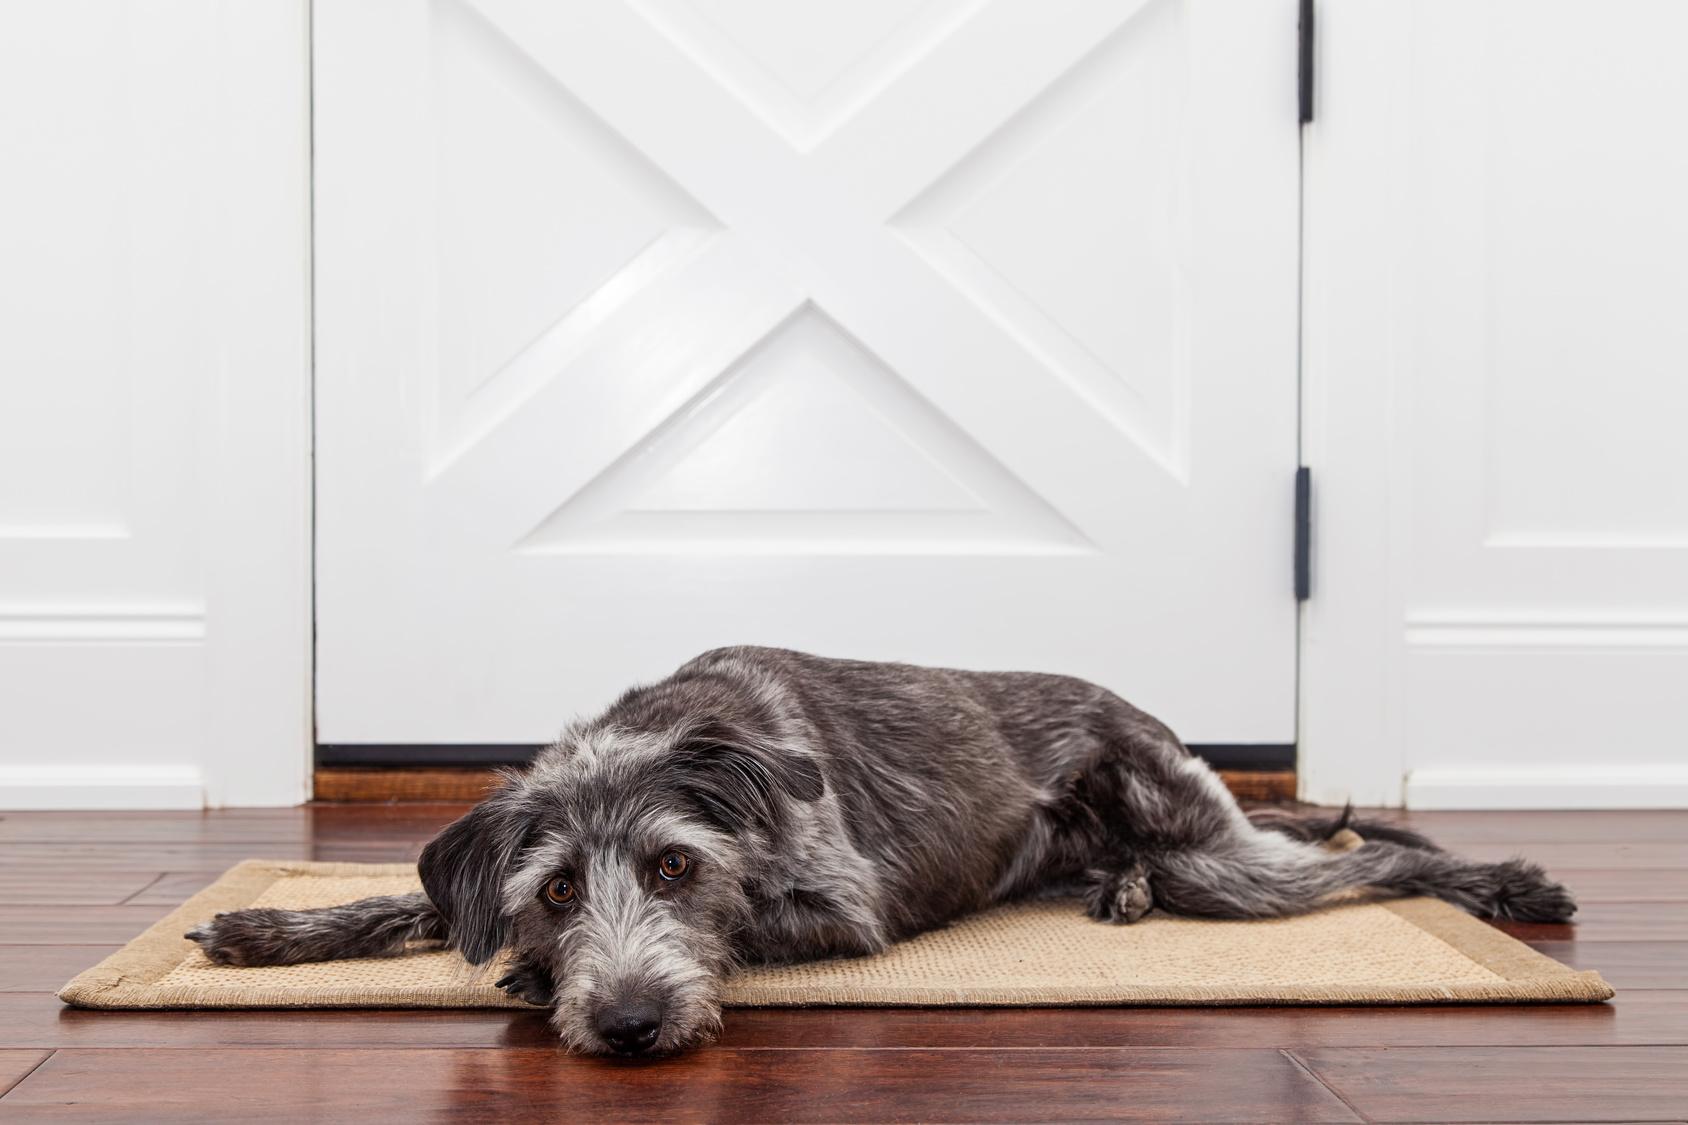 室内で犬を飼う時床に敷くおすすめなマットは?犬のことを考えたマット選び